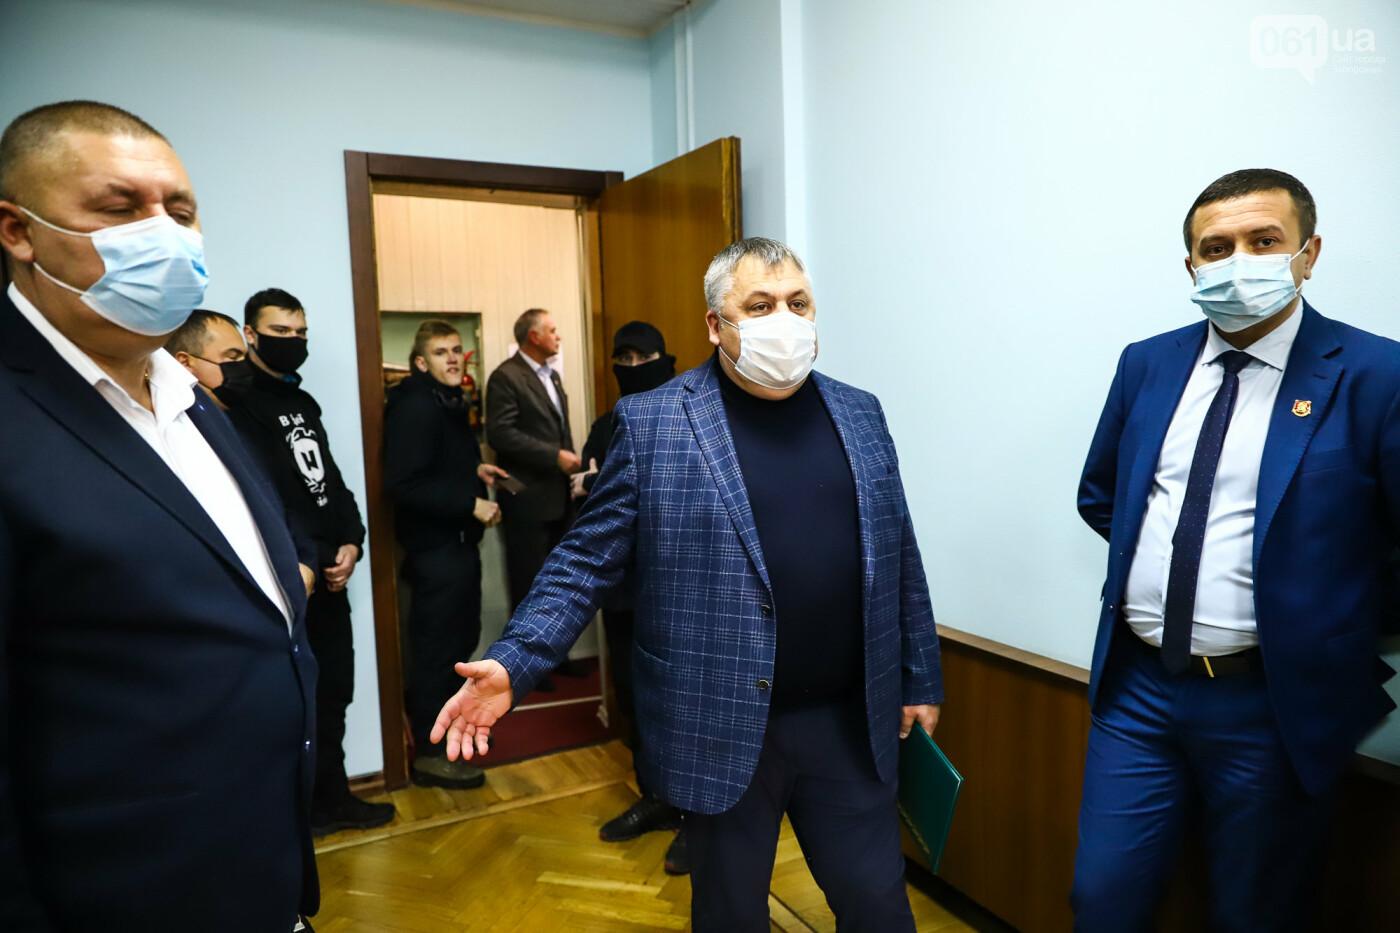 """Тайная """"сессия"""", сотни правоохранителей и стычки с активистами - что происходило в здании Запорожского облсовета, - ФОТО, ВИДЕО , фото-16"""